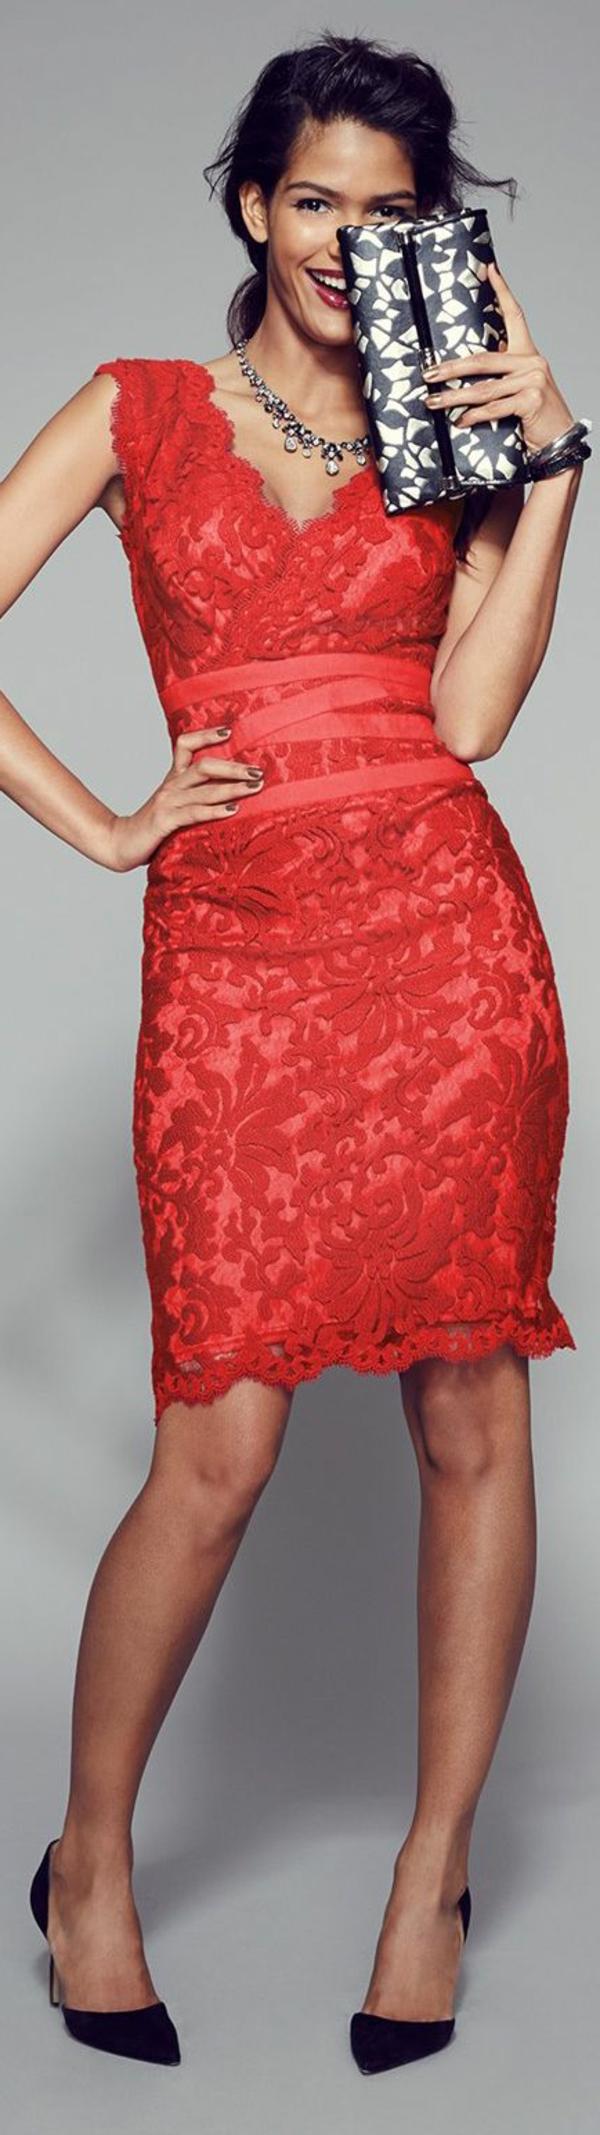 robe-pour-la-nuit-rouge-femme